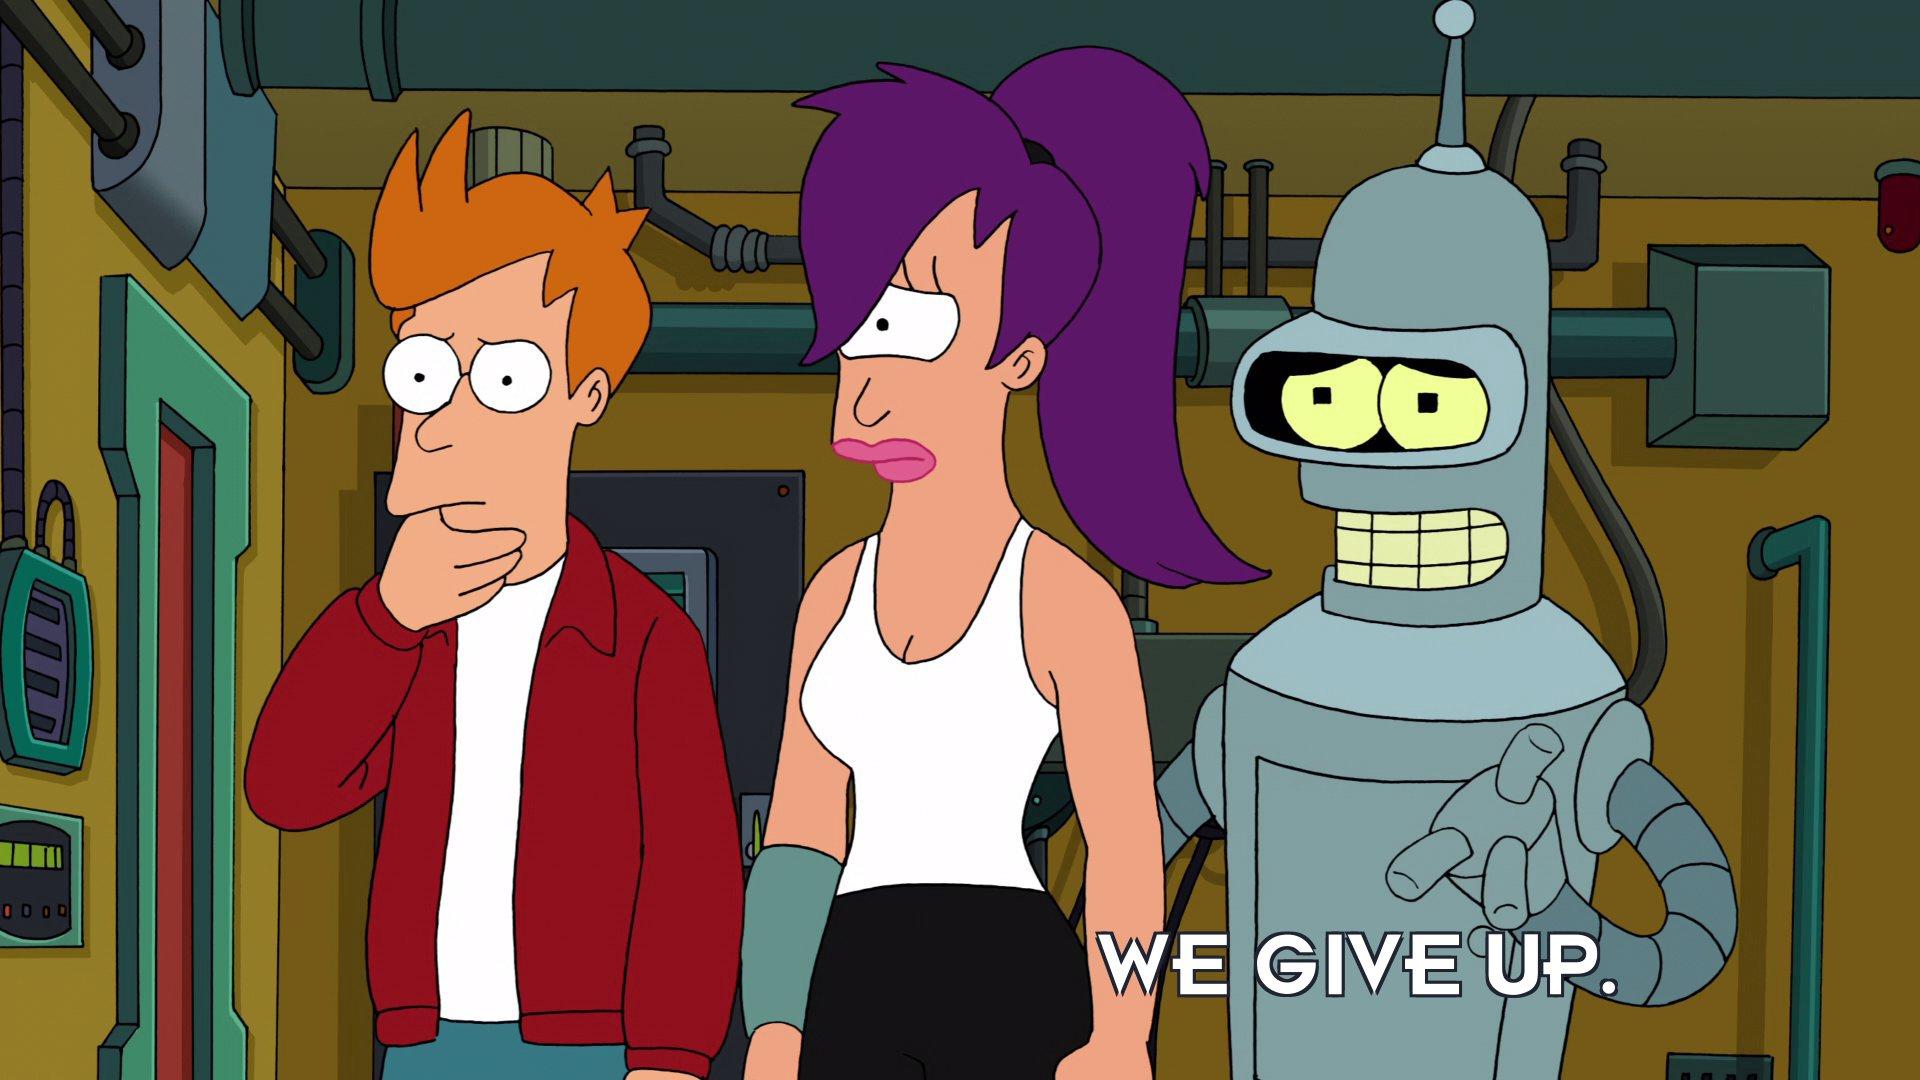 Bender Bending Rodriguez: We give up.